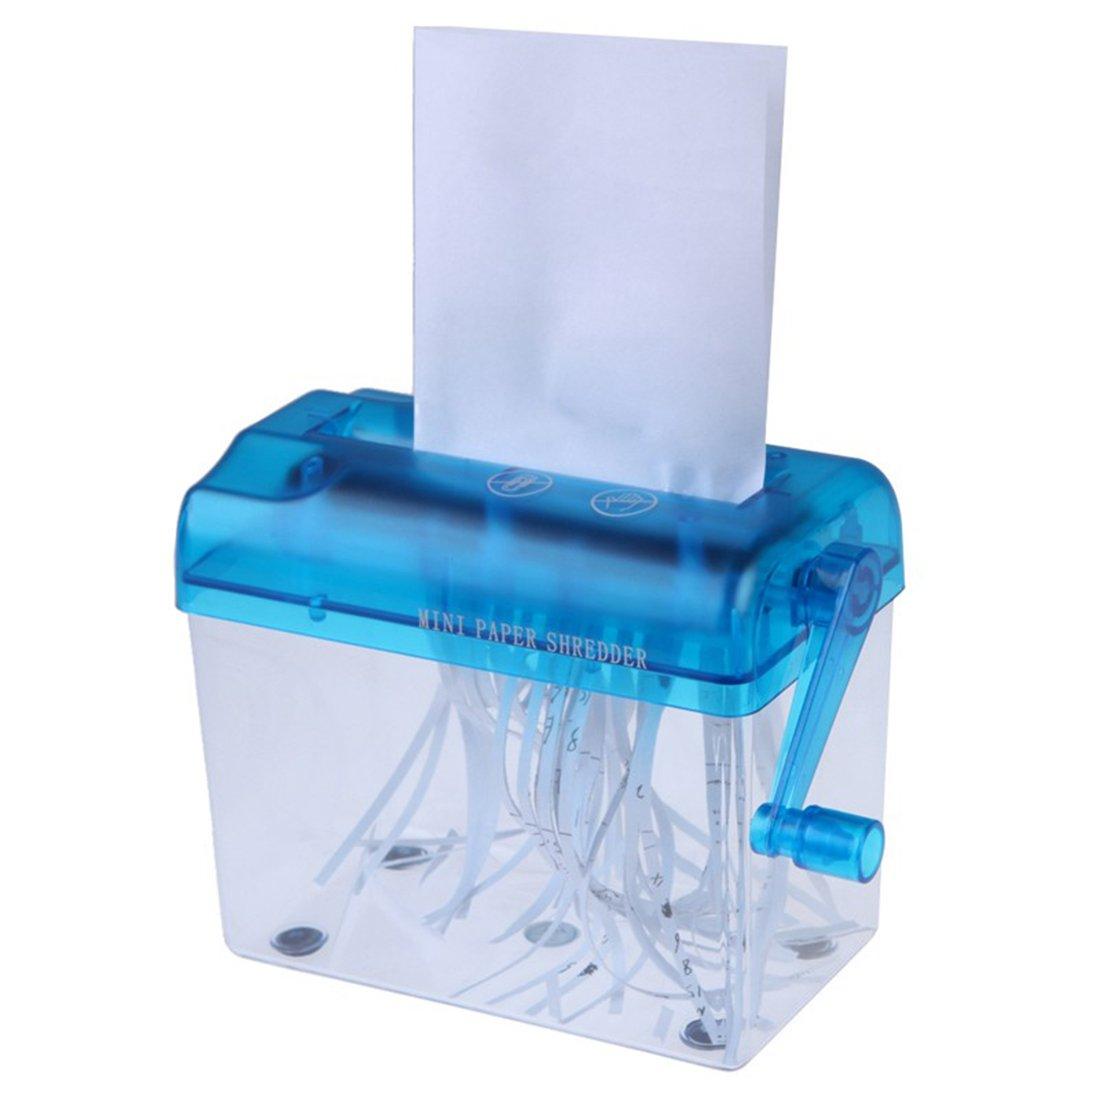 Mini Desktop Manual Papierschredder Handausschnitt f¨ ¹ r zuf?llige Papierfarbe qianzhi